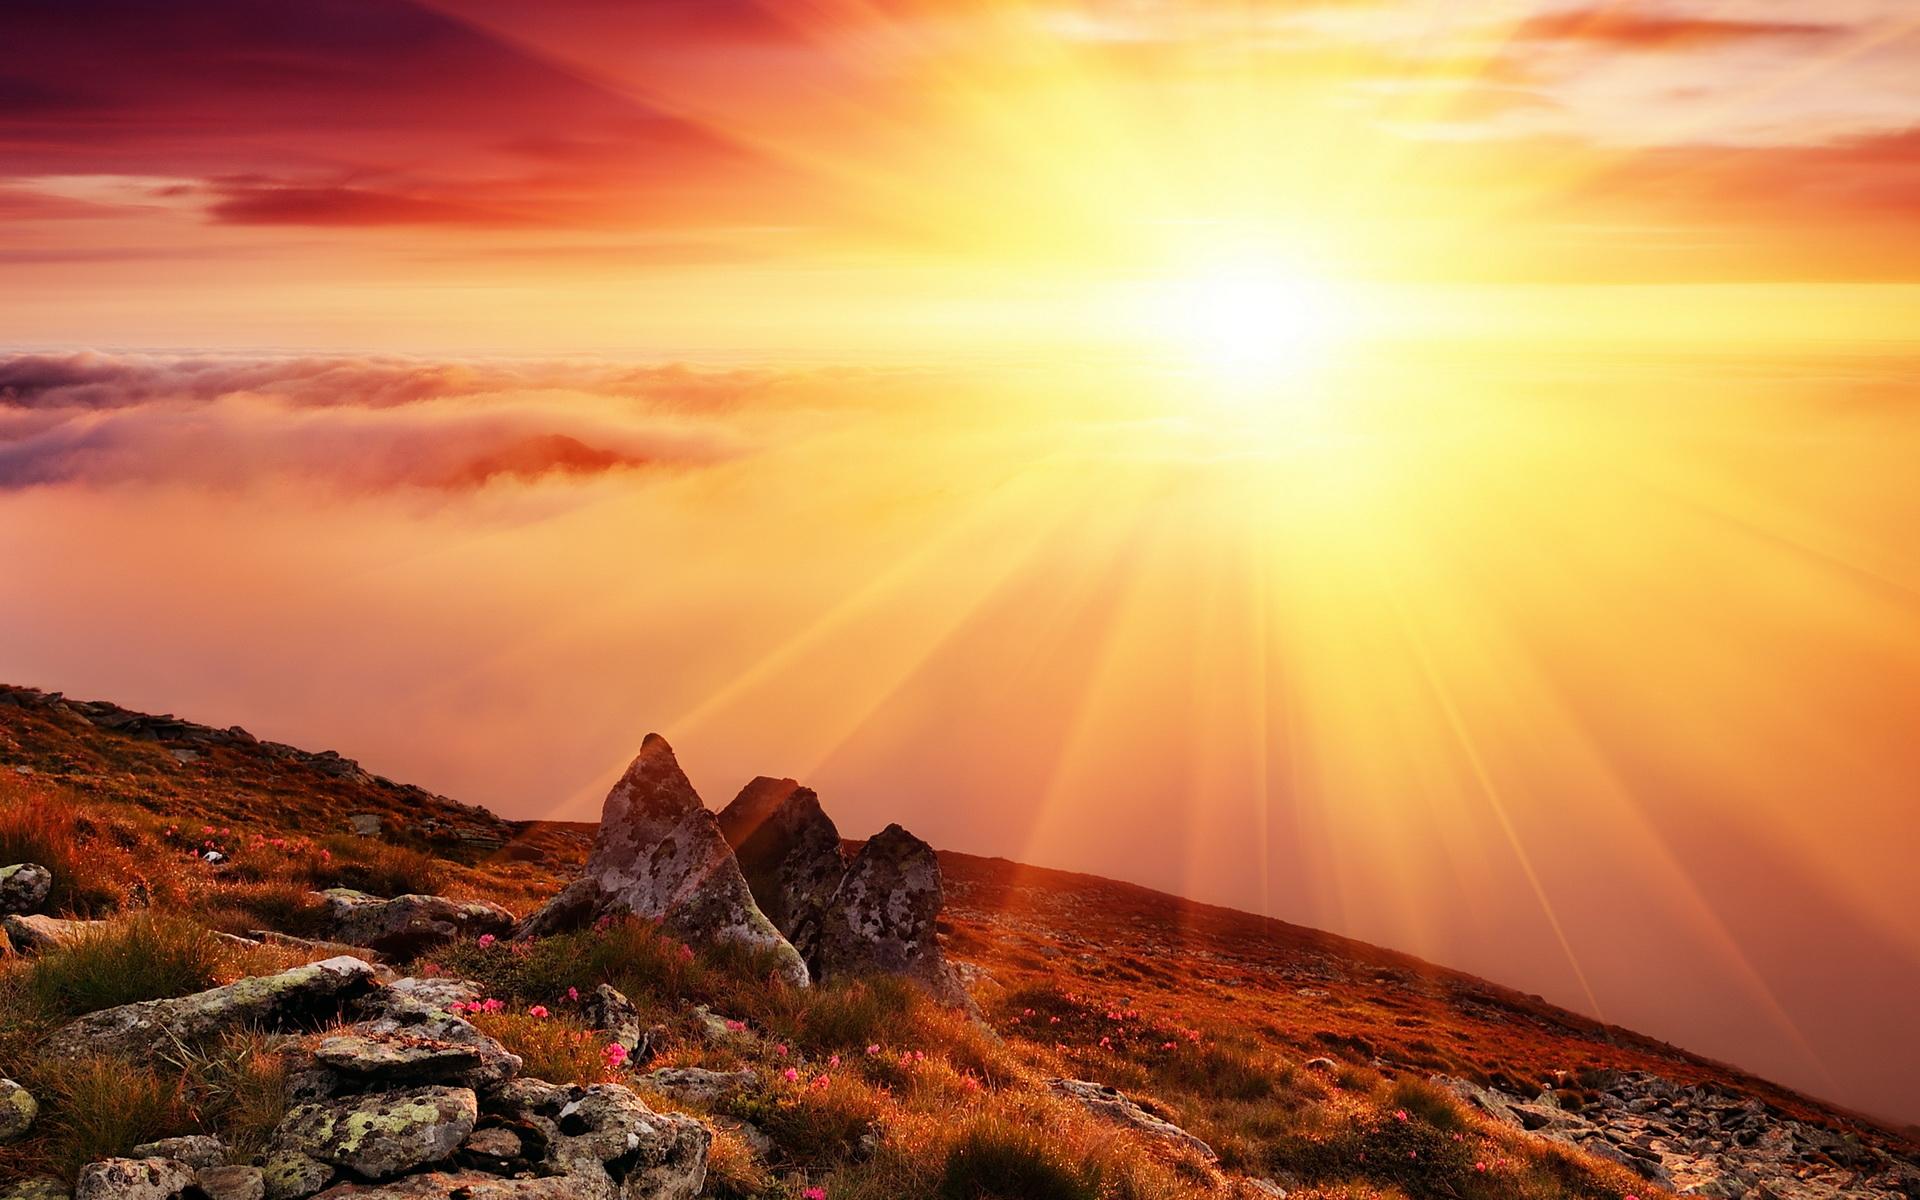 Рассветы и закаты горы лучи света деревья туман облака солнце природа фото обои картинки скачать на рабочий